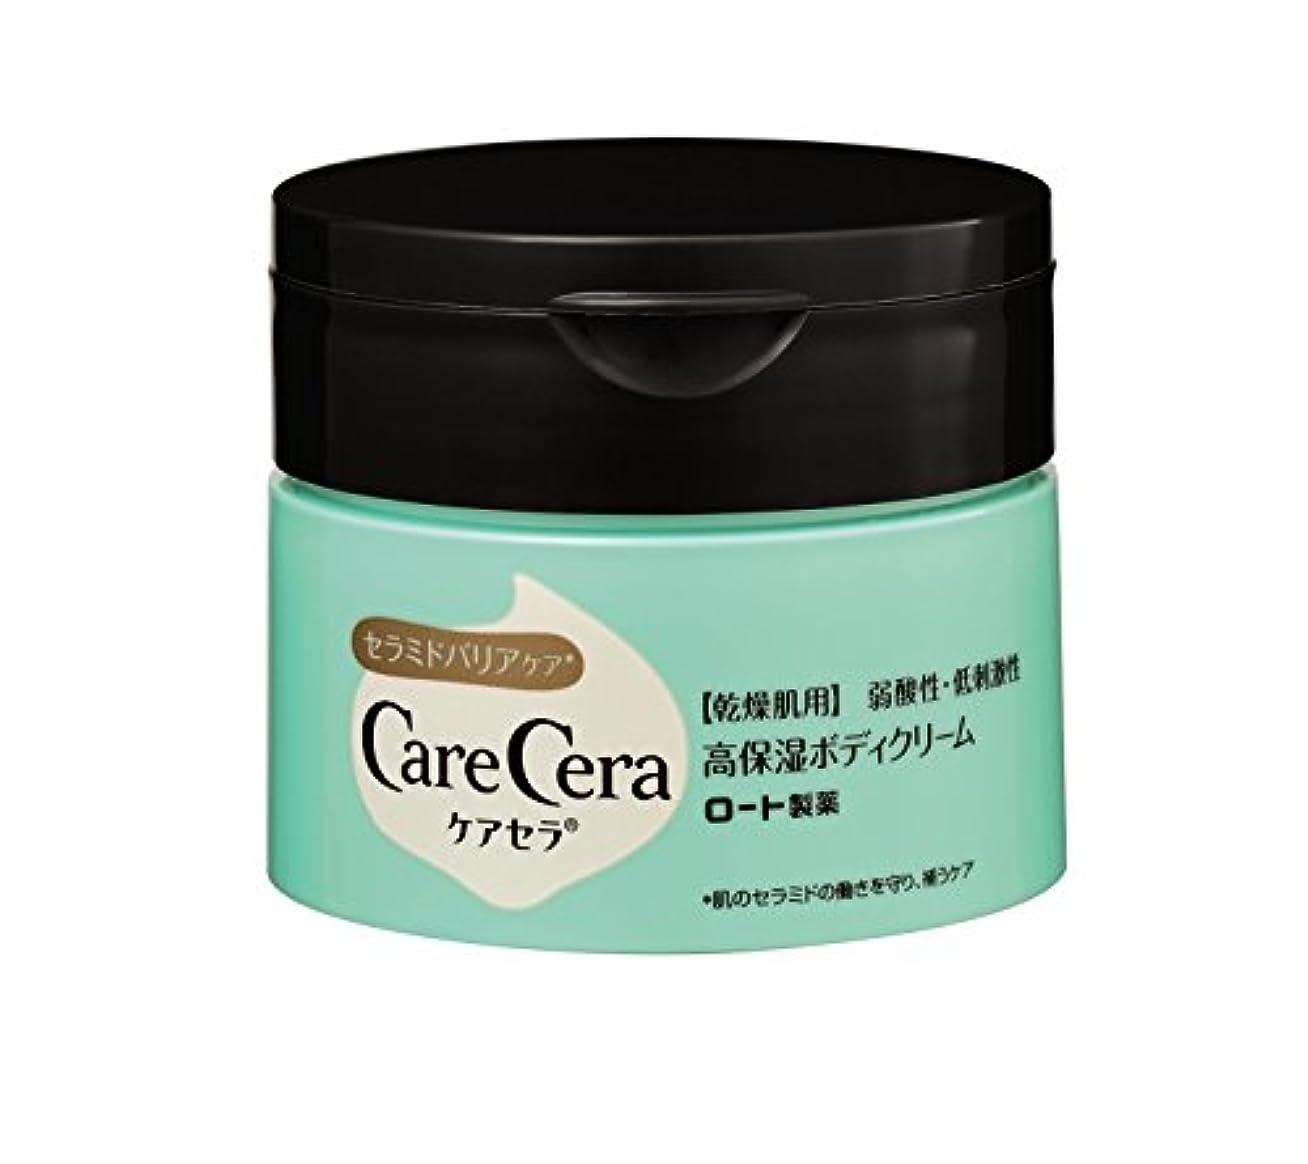 蘇生する技術的な重力CareCera(ケアセラ) 高保湿 ボディクリーム 100g